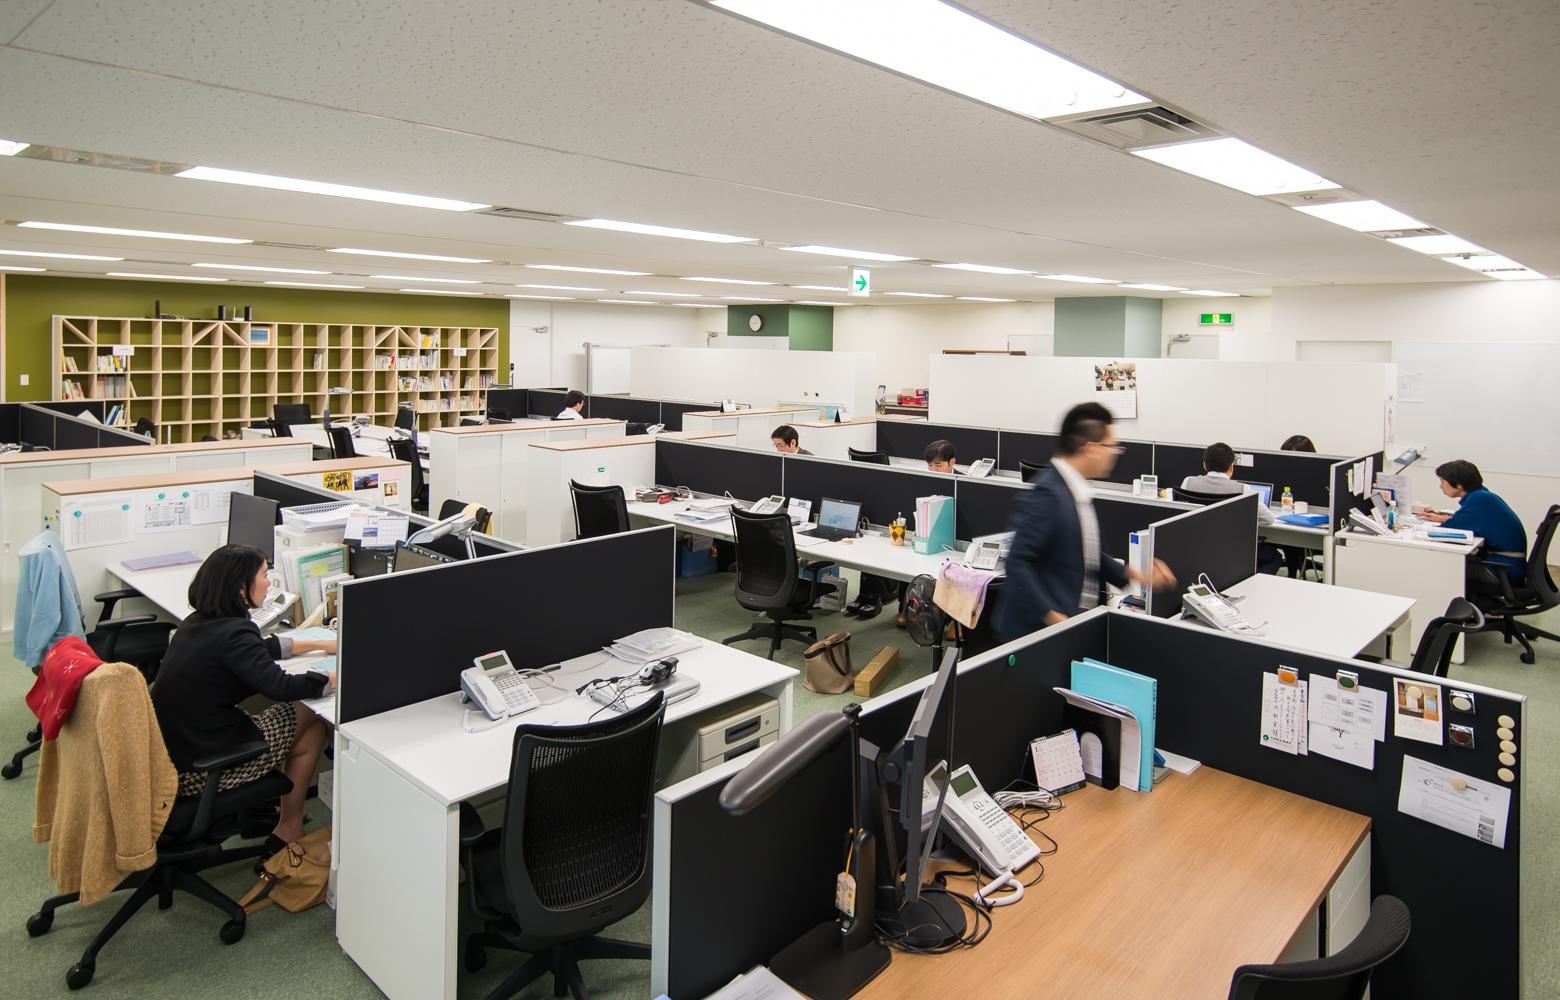 株式会社かいはつマネジメント・コンサルティング Work Space_2 デザイン・レイアウト事例